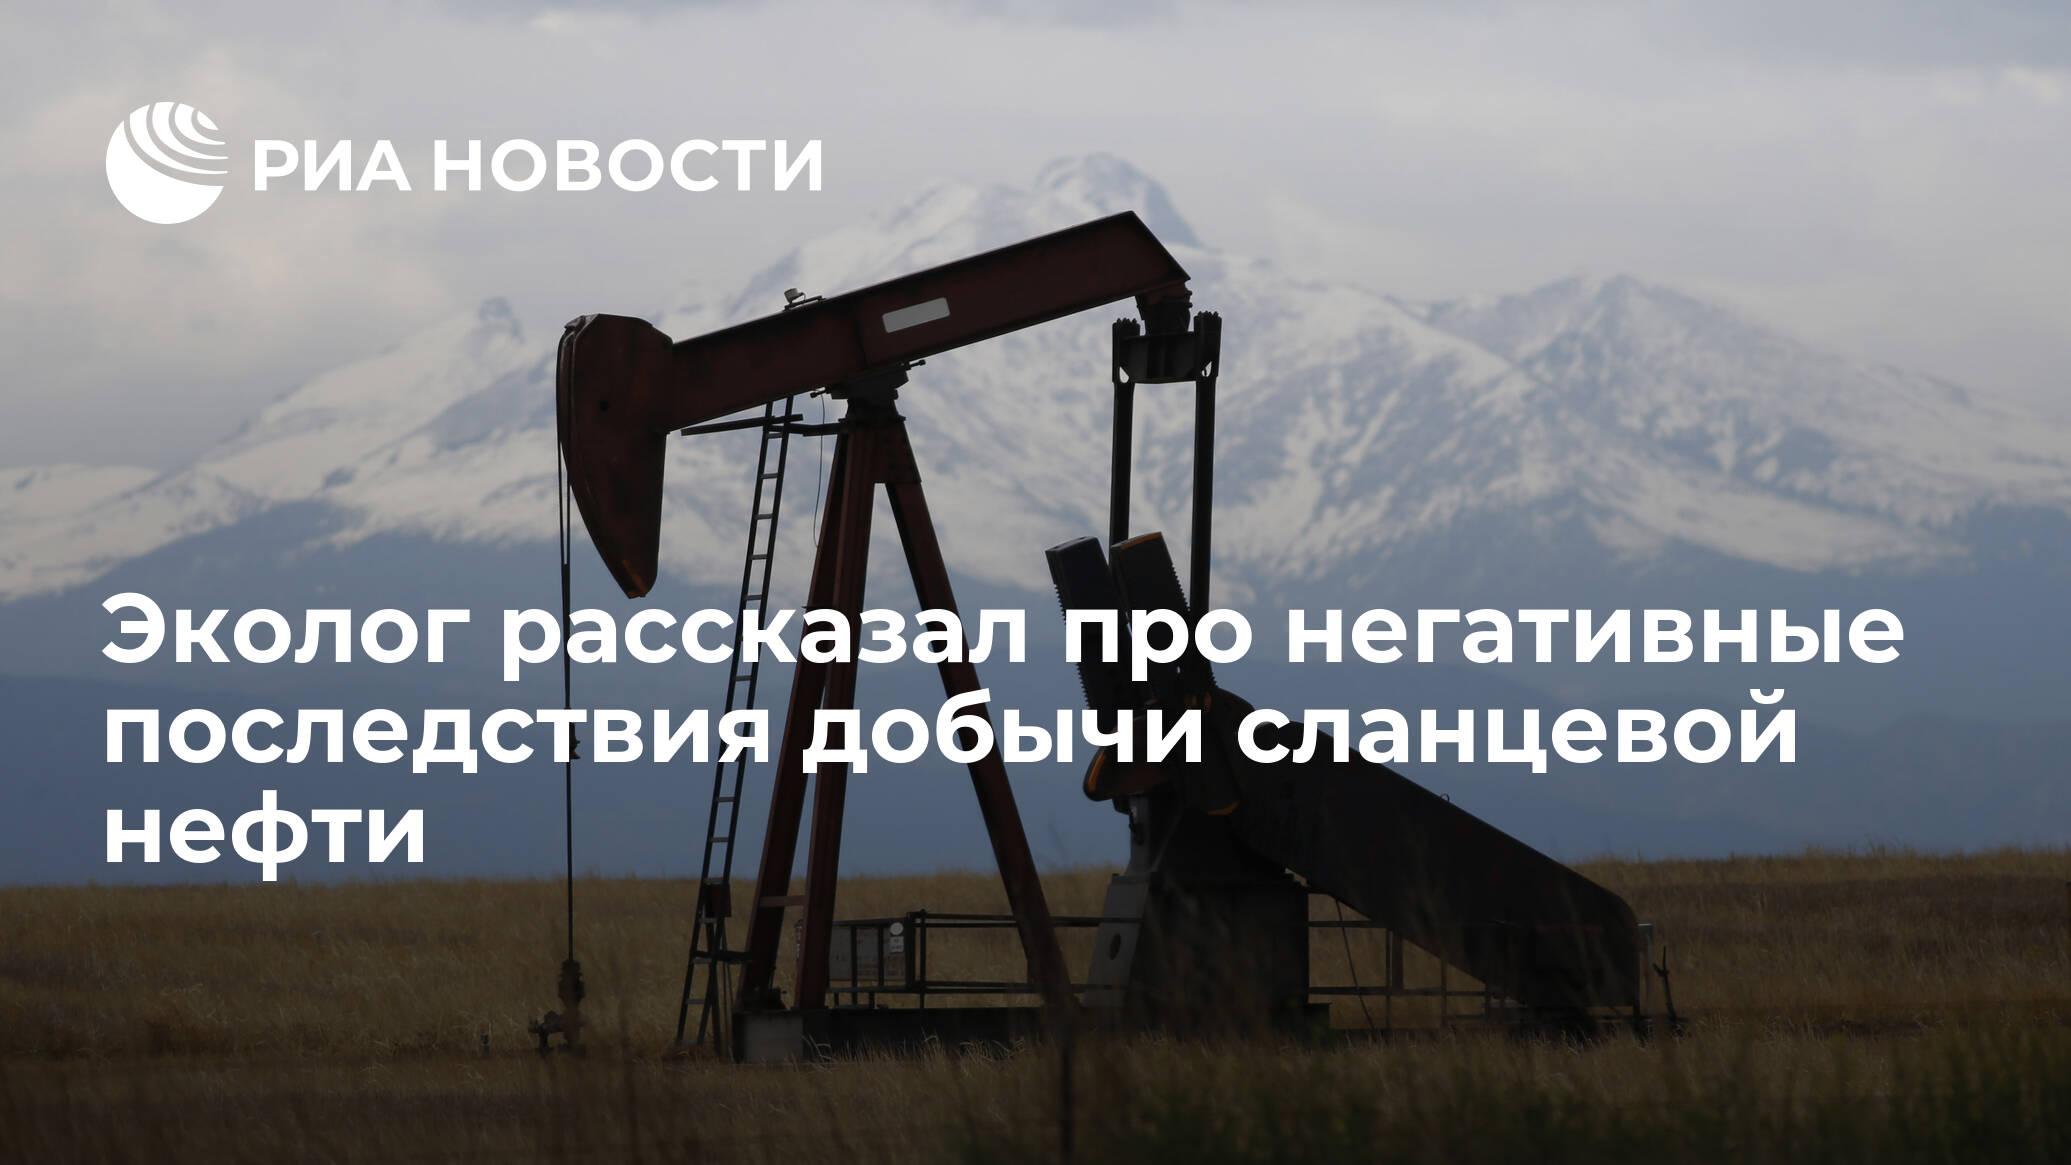 Эколог рассказал про негативные последствия добычи сланцевой нефти